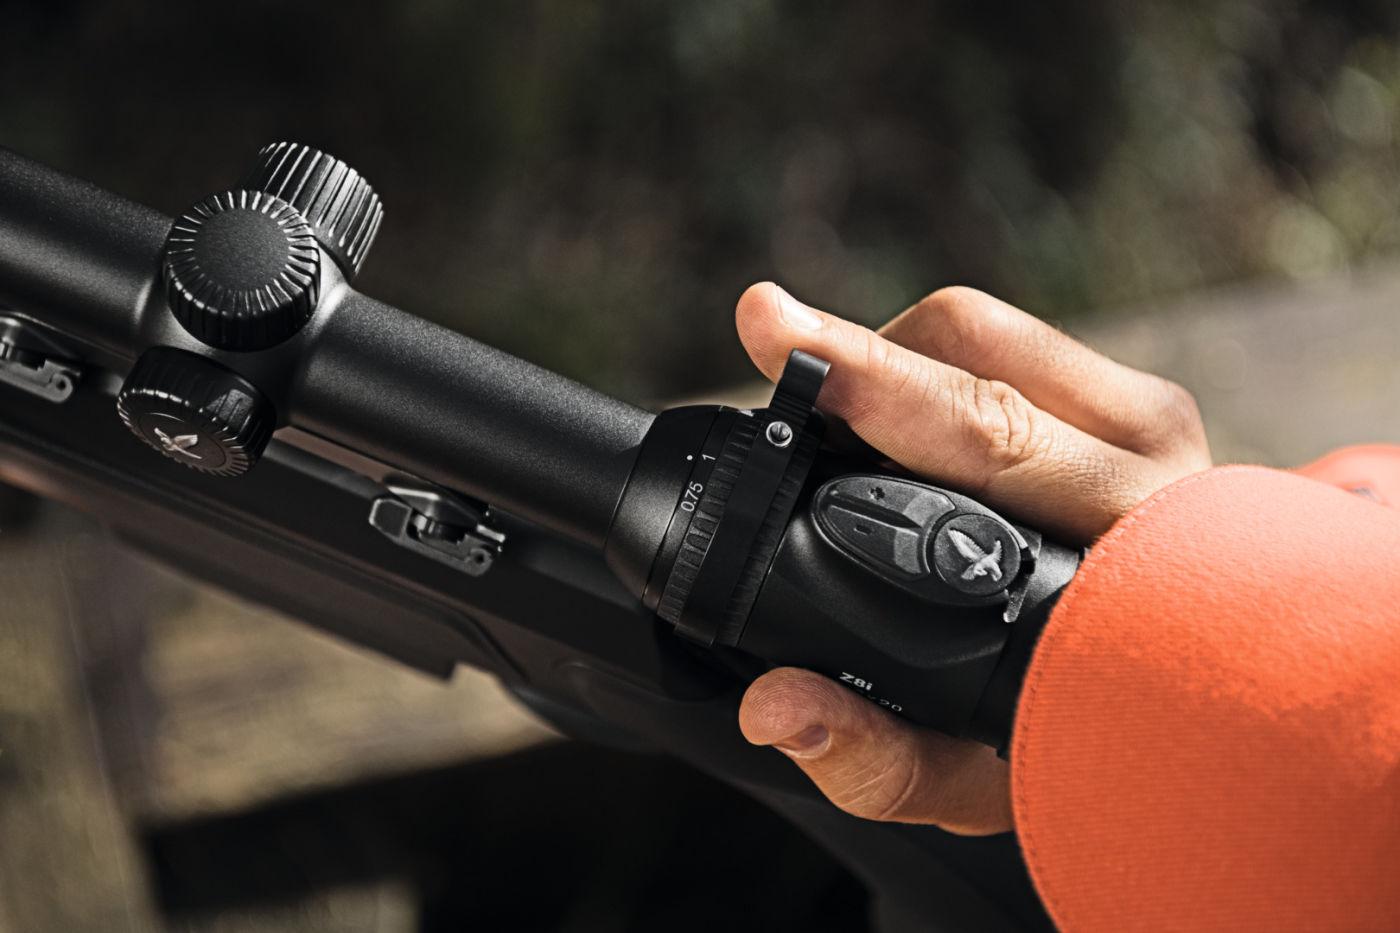 Z8i 0,75-6x20 Close up on riffle scope